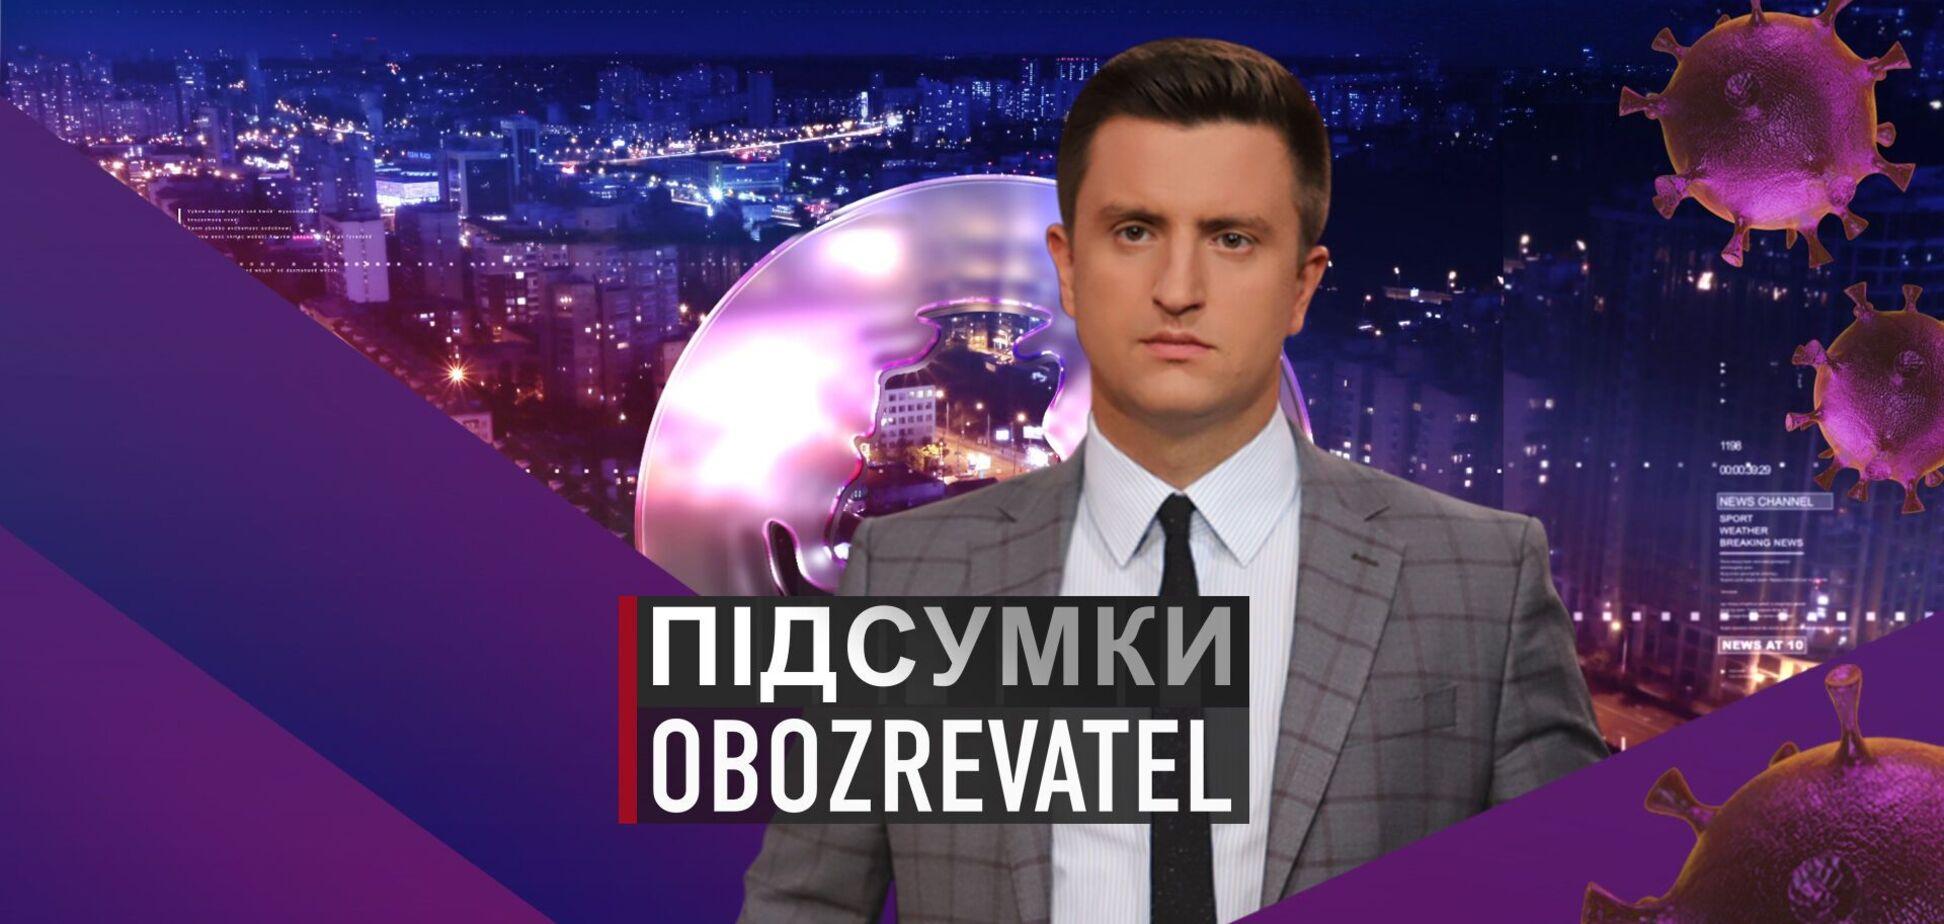 Підсумки з Вадимом Колодійчуком. Четвер, 22 квітня